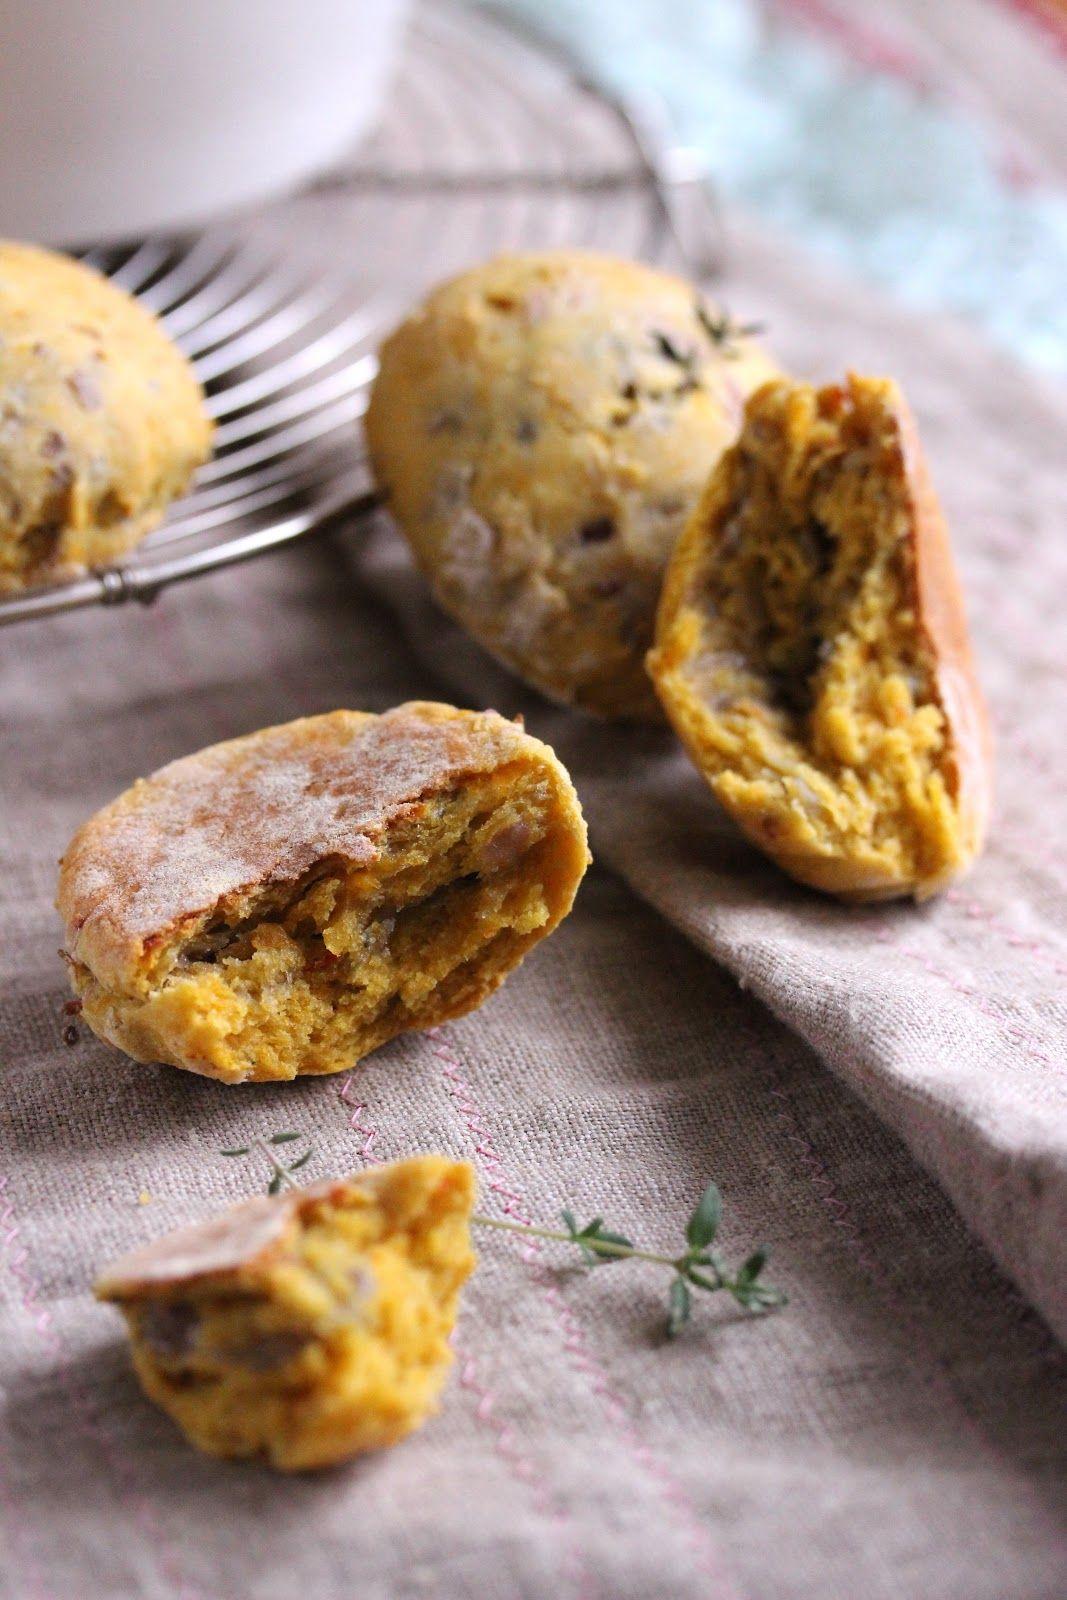 Dans la cuisine de Sophie: Scones au potiron et aux oignons caramélisés + légumes d'automne rôtis